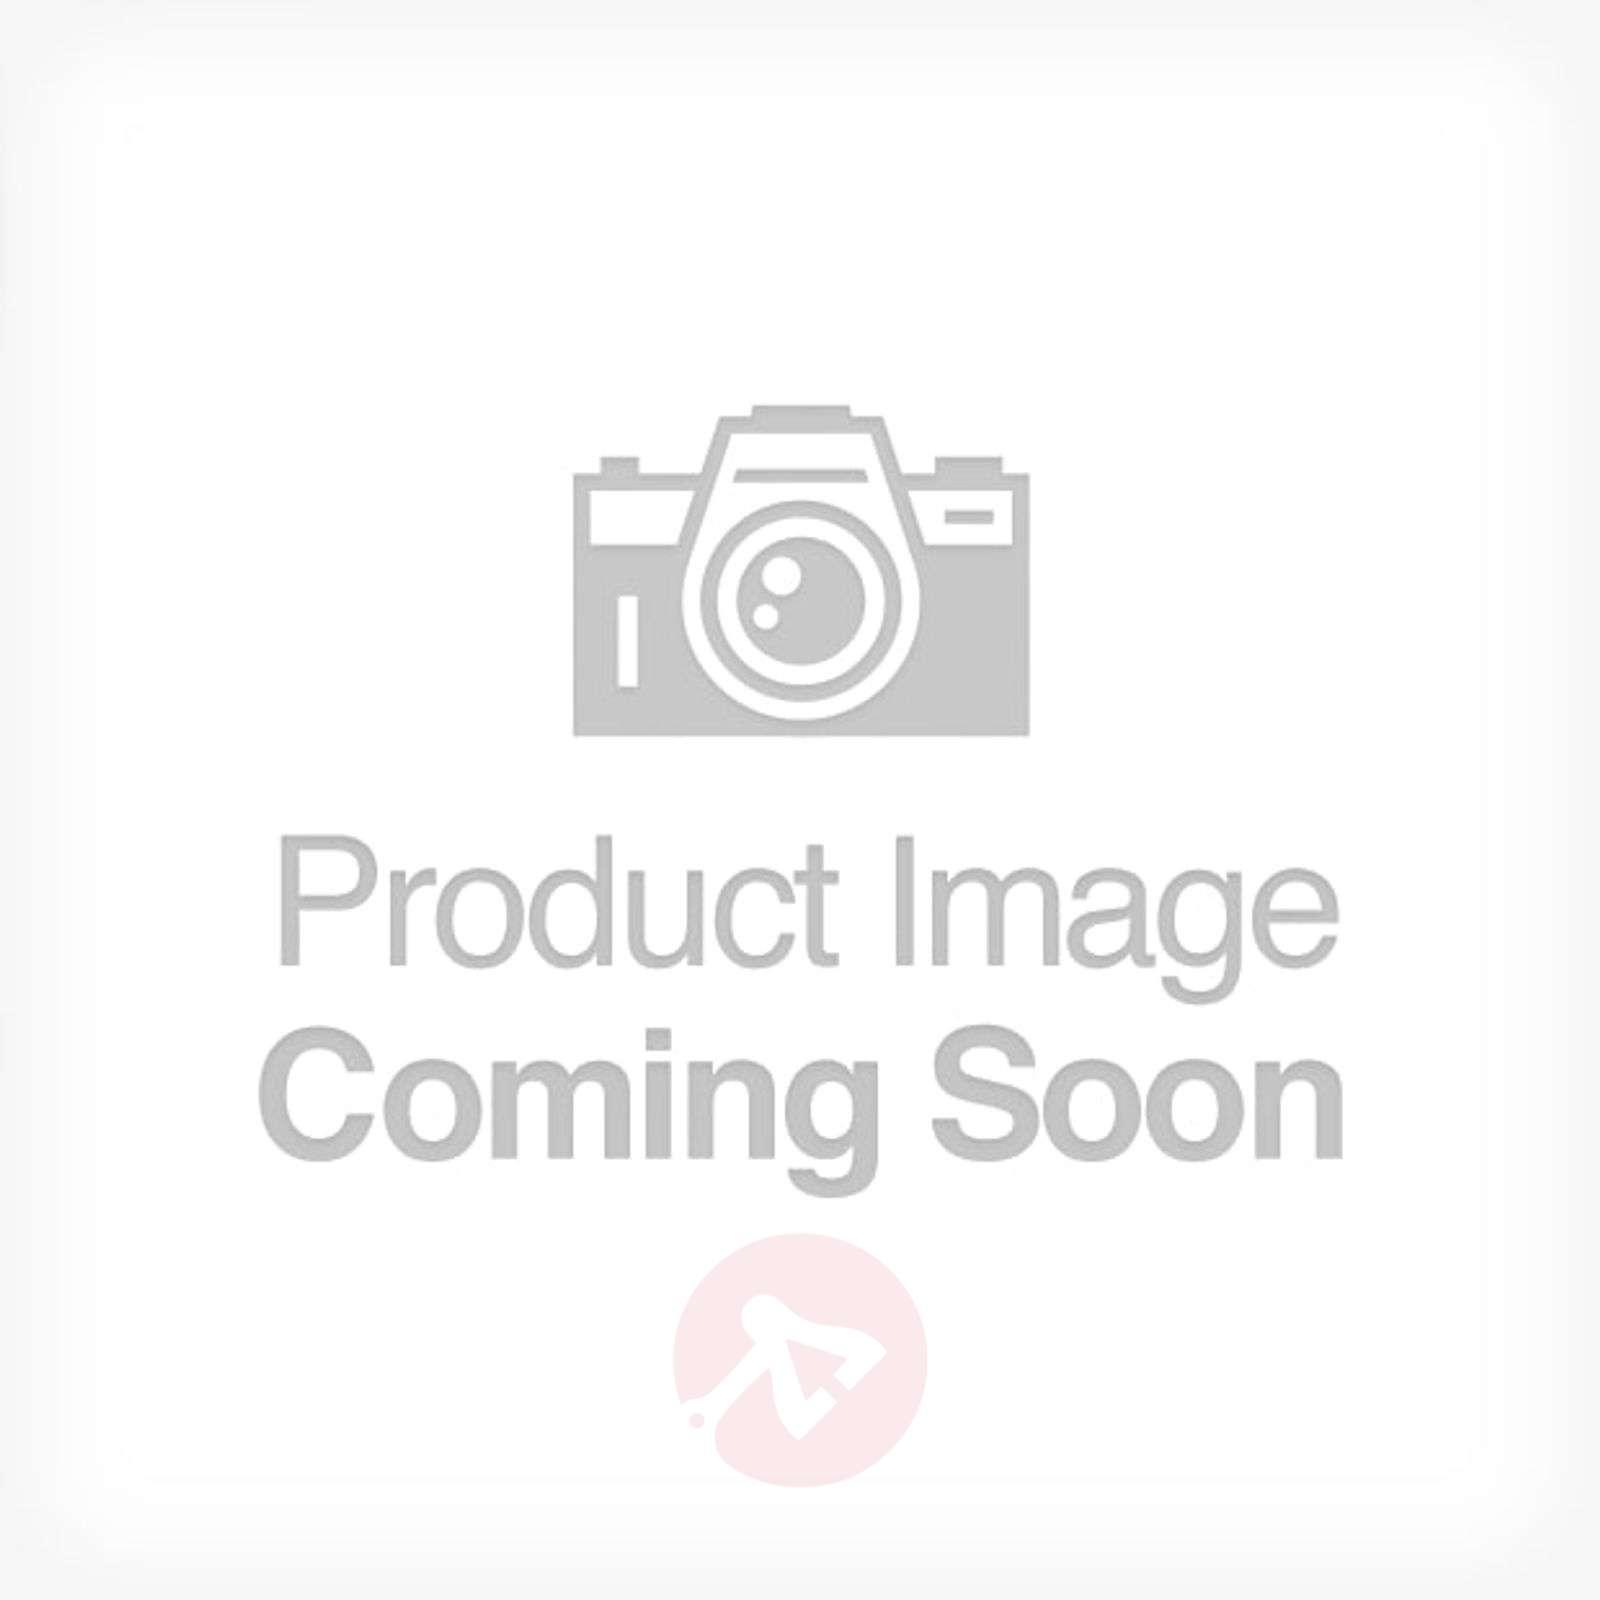 Pyöreä SHINING POT-ruukku, 4 kokoa-1004022X-01